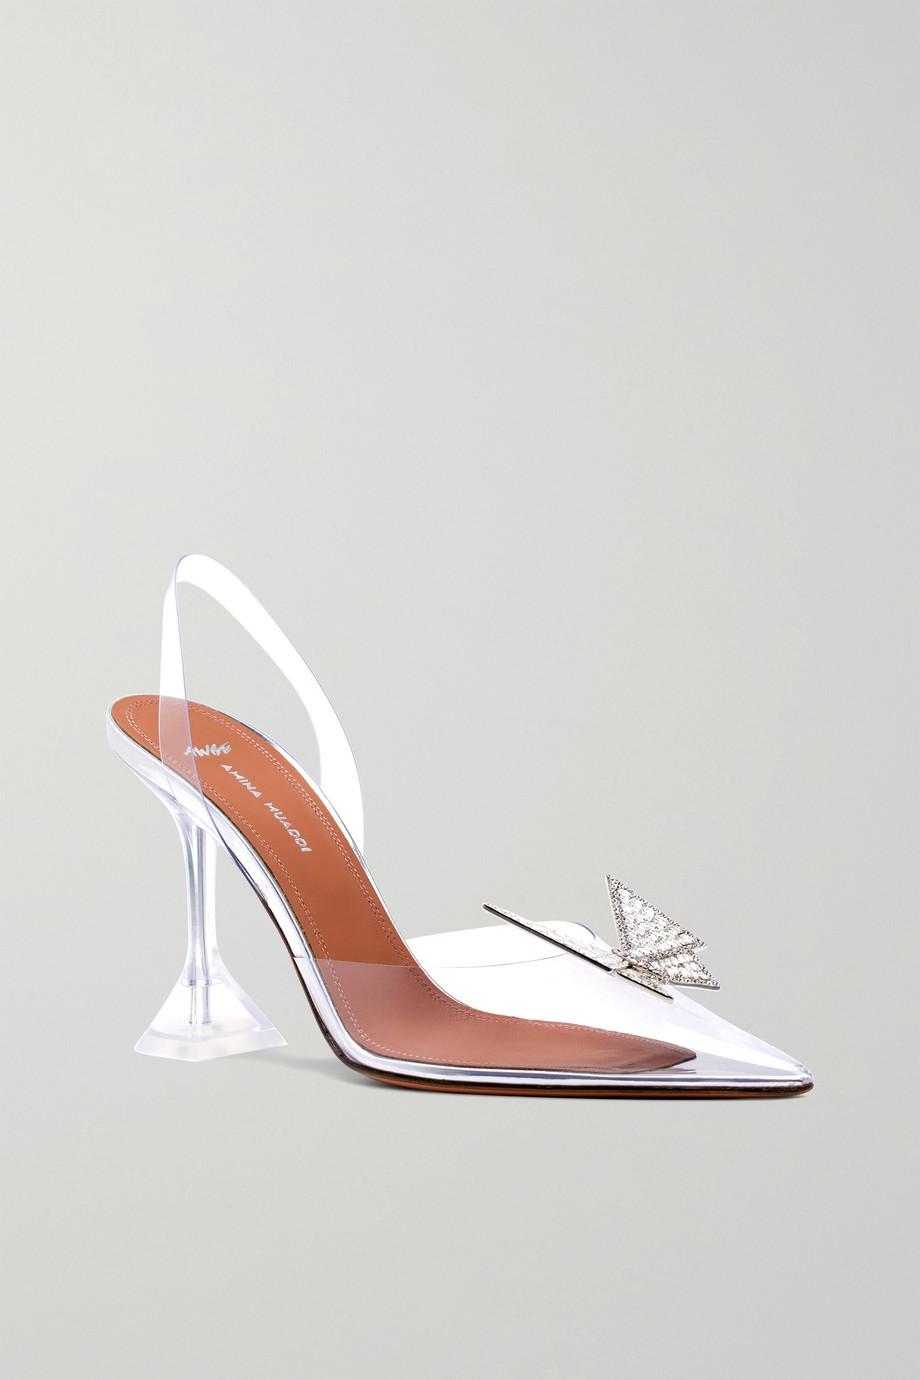 Amina Muaddi + AWGE Phoenix crystal-embellished bow-detailed PVC slingback pumps